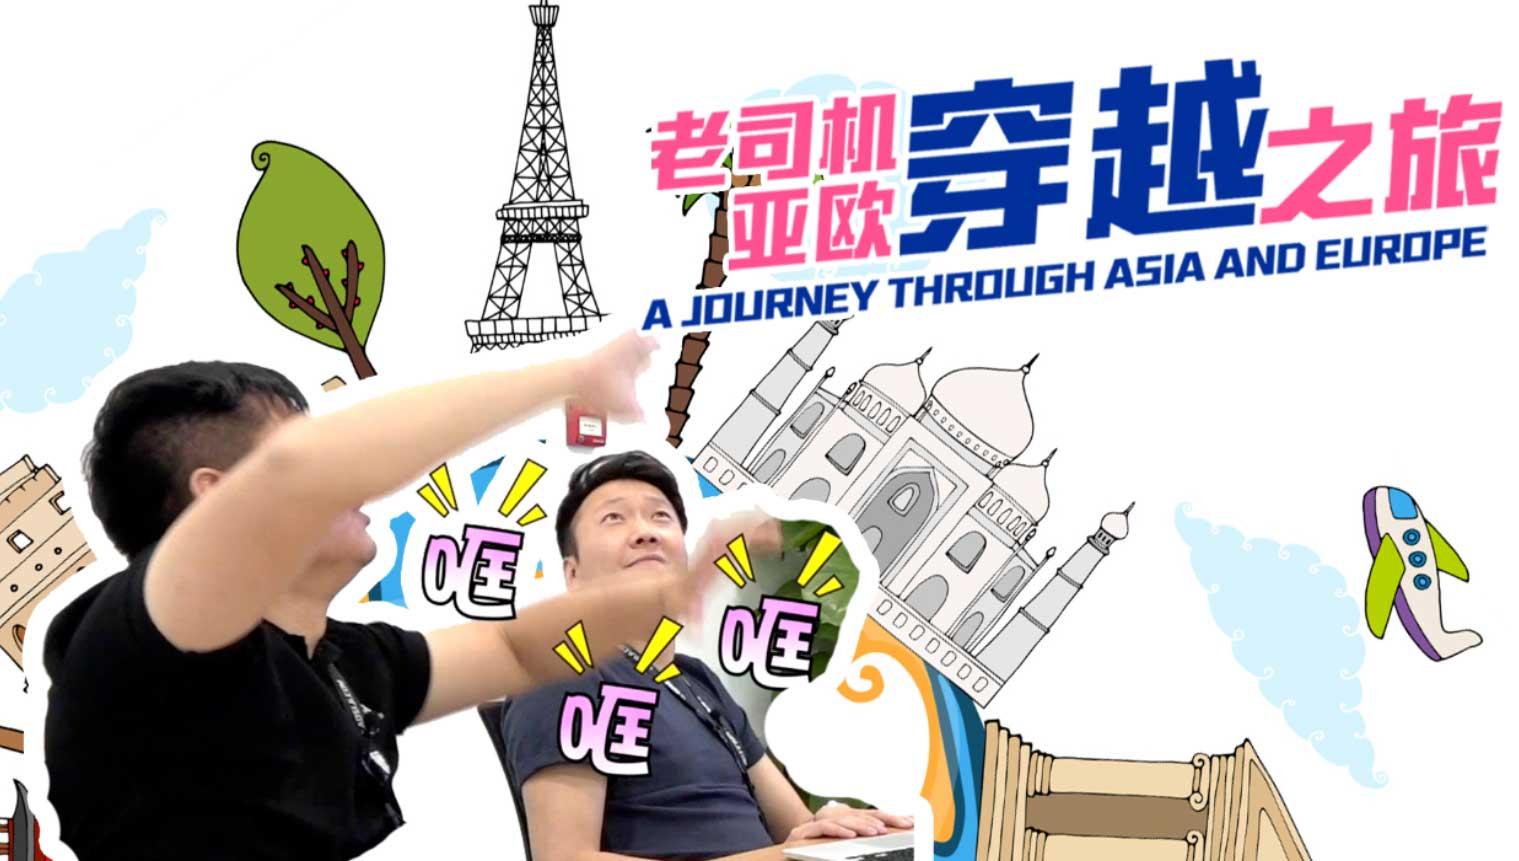 【老司机亚欧穿越之旅】-预告片